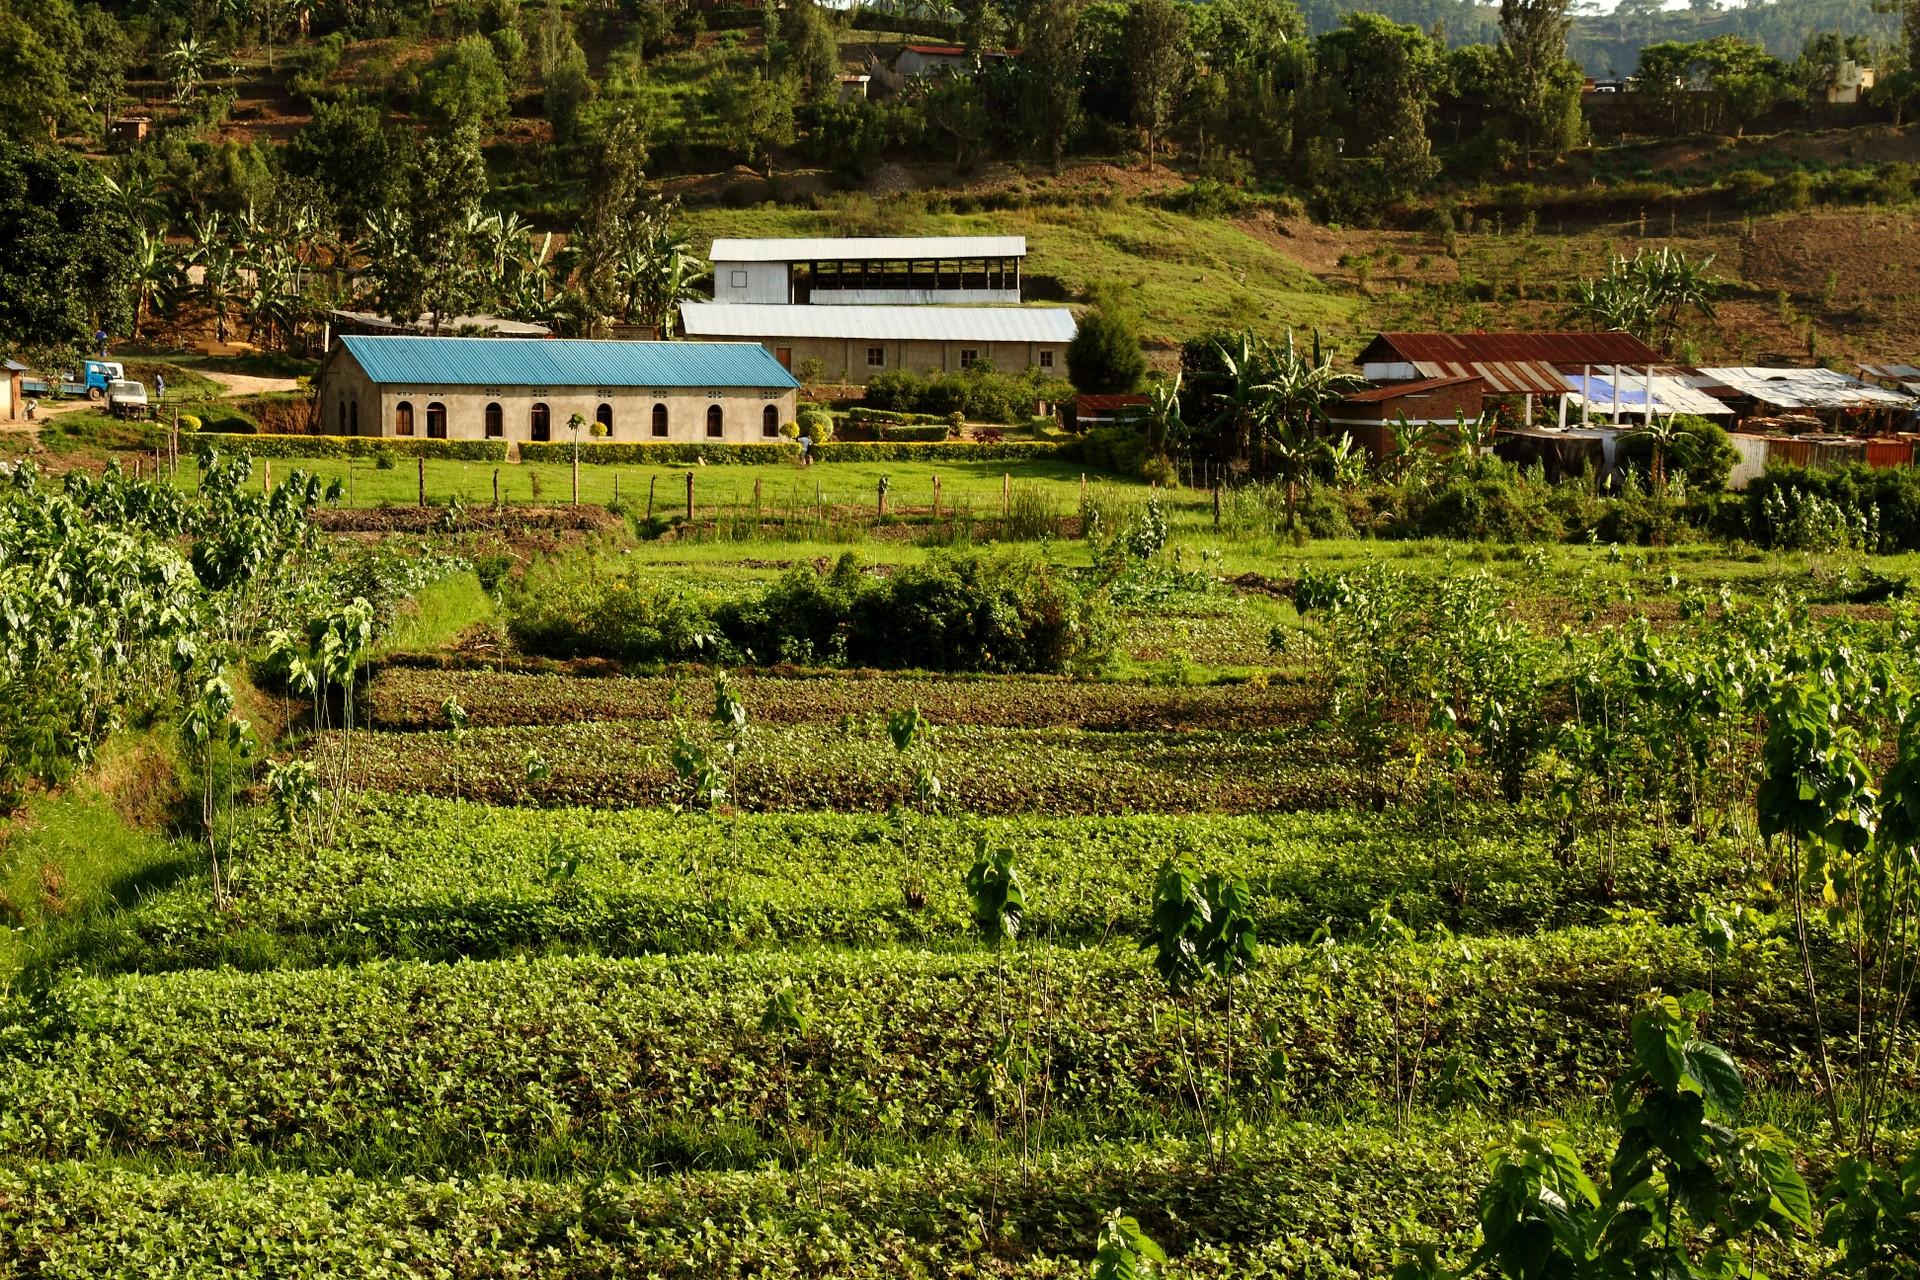 Farm in Rwanda